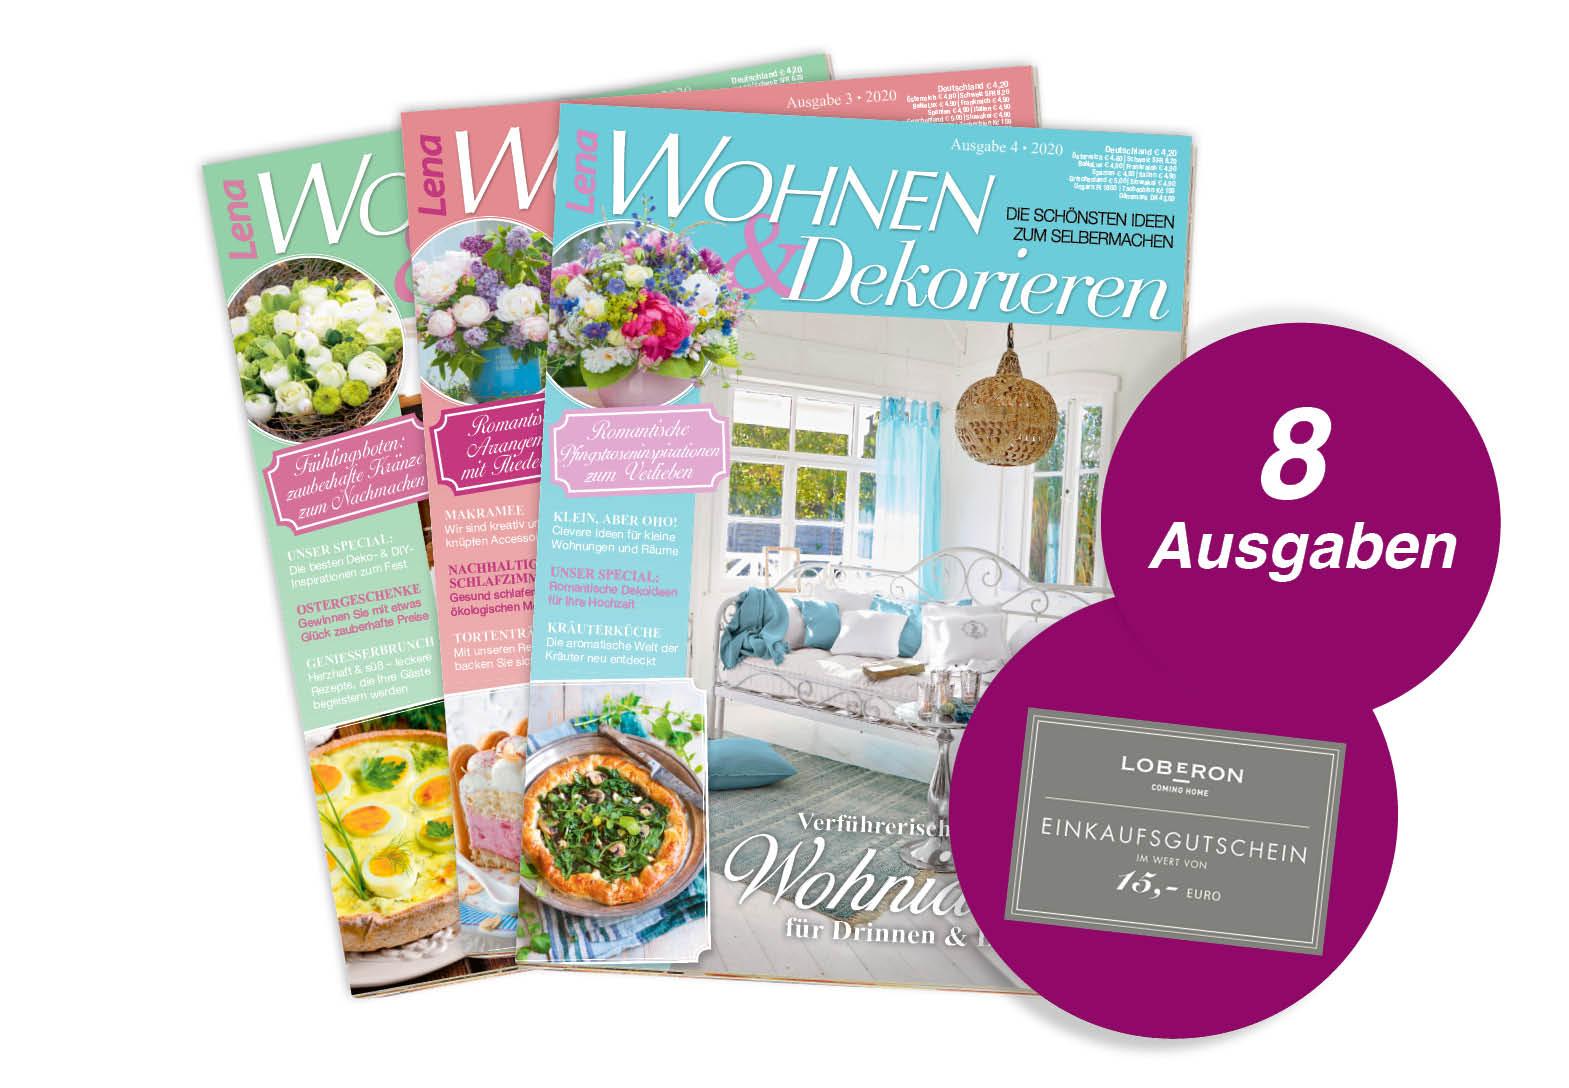 Lena Wohnen & Dekorieren - Jahresabo + 15 Euro Gutschein von Loberon